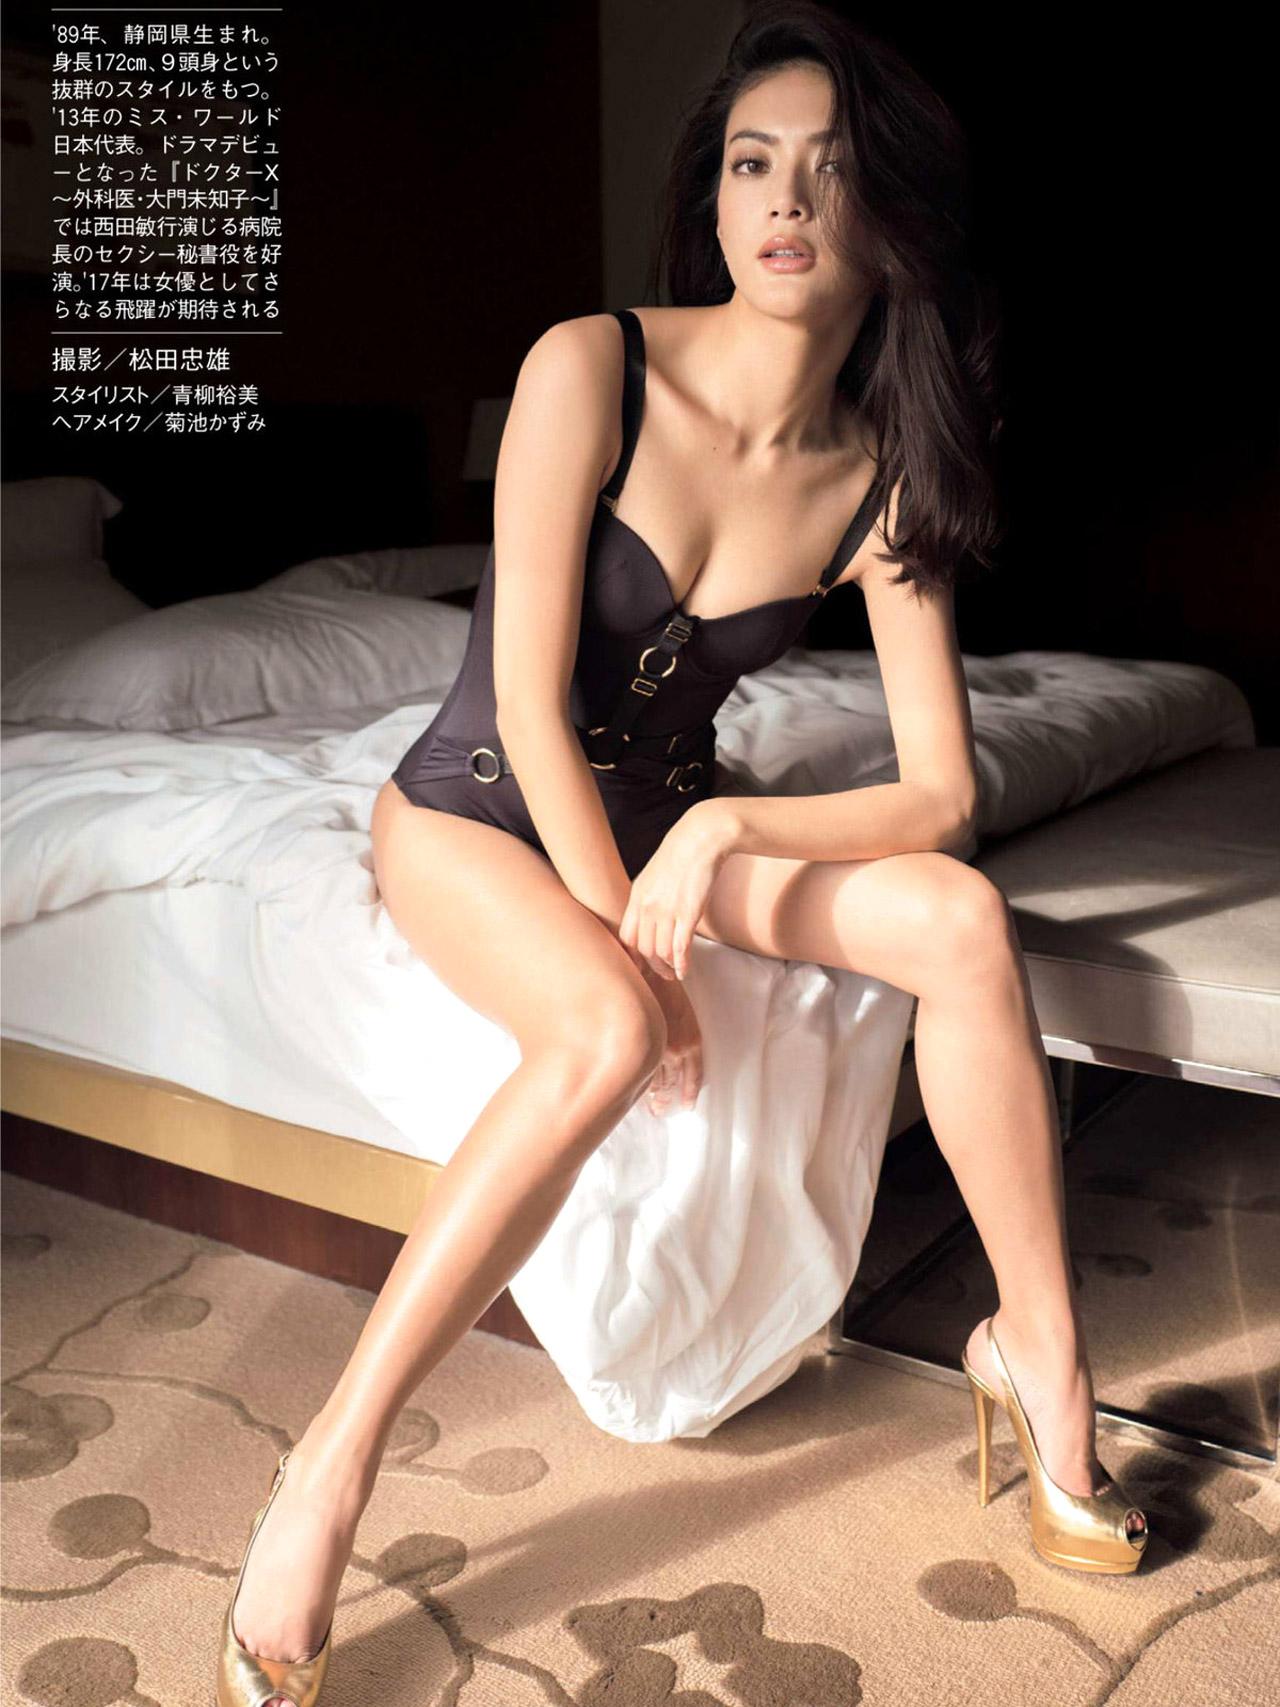 田中道子 エロ画像26枚!世界も認めるモデル美女のスタイルが良すぎてぐうシコwww